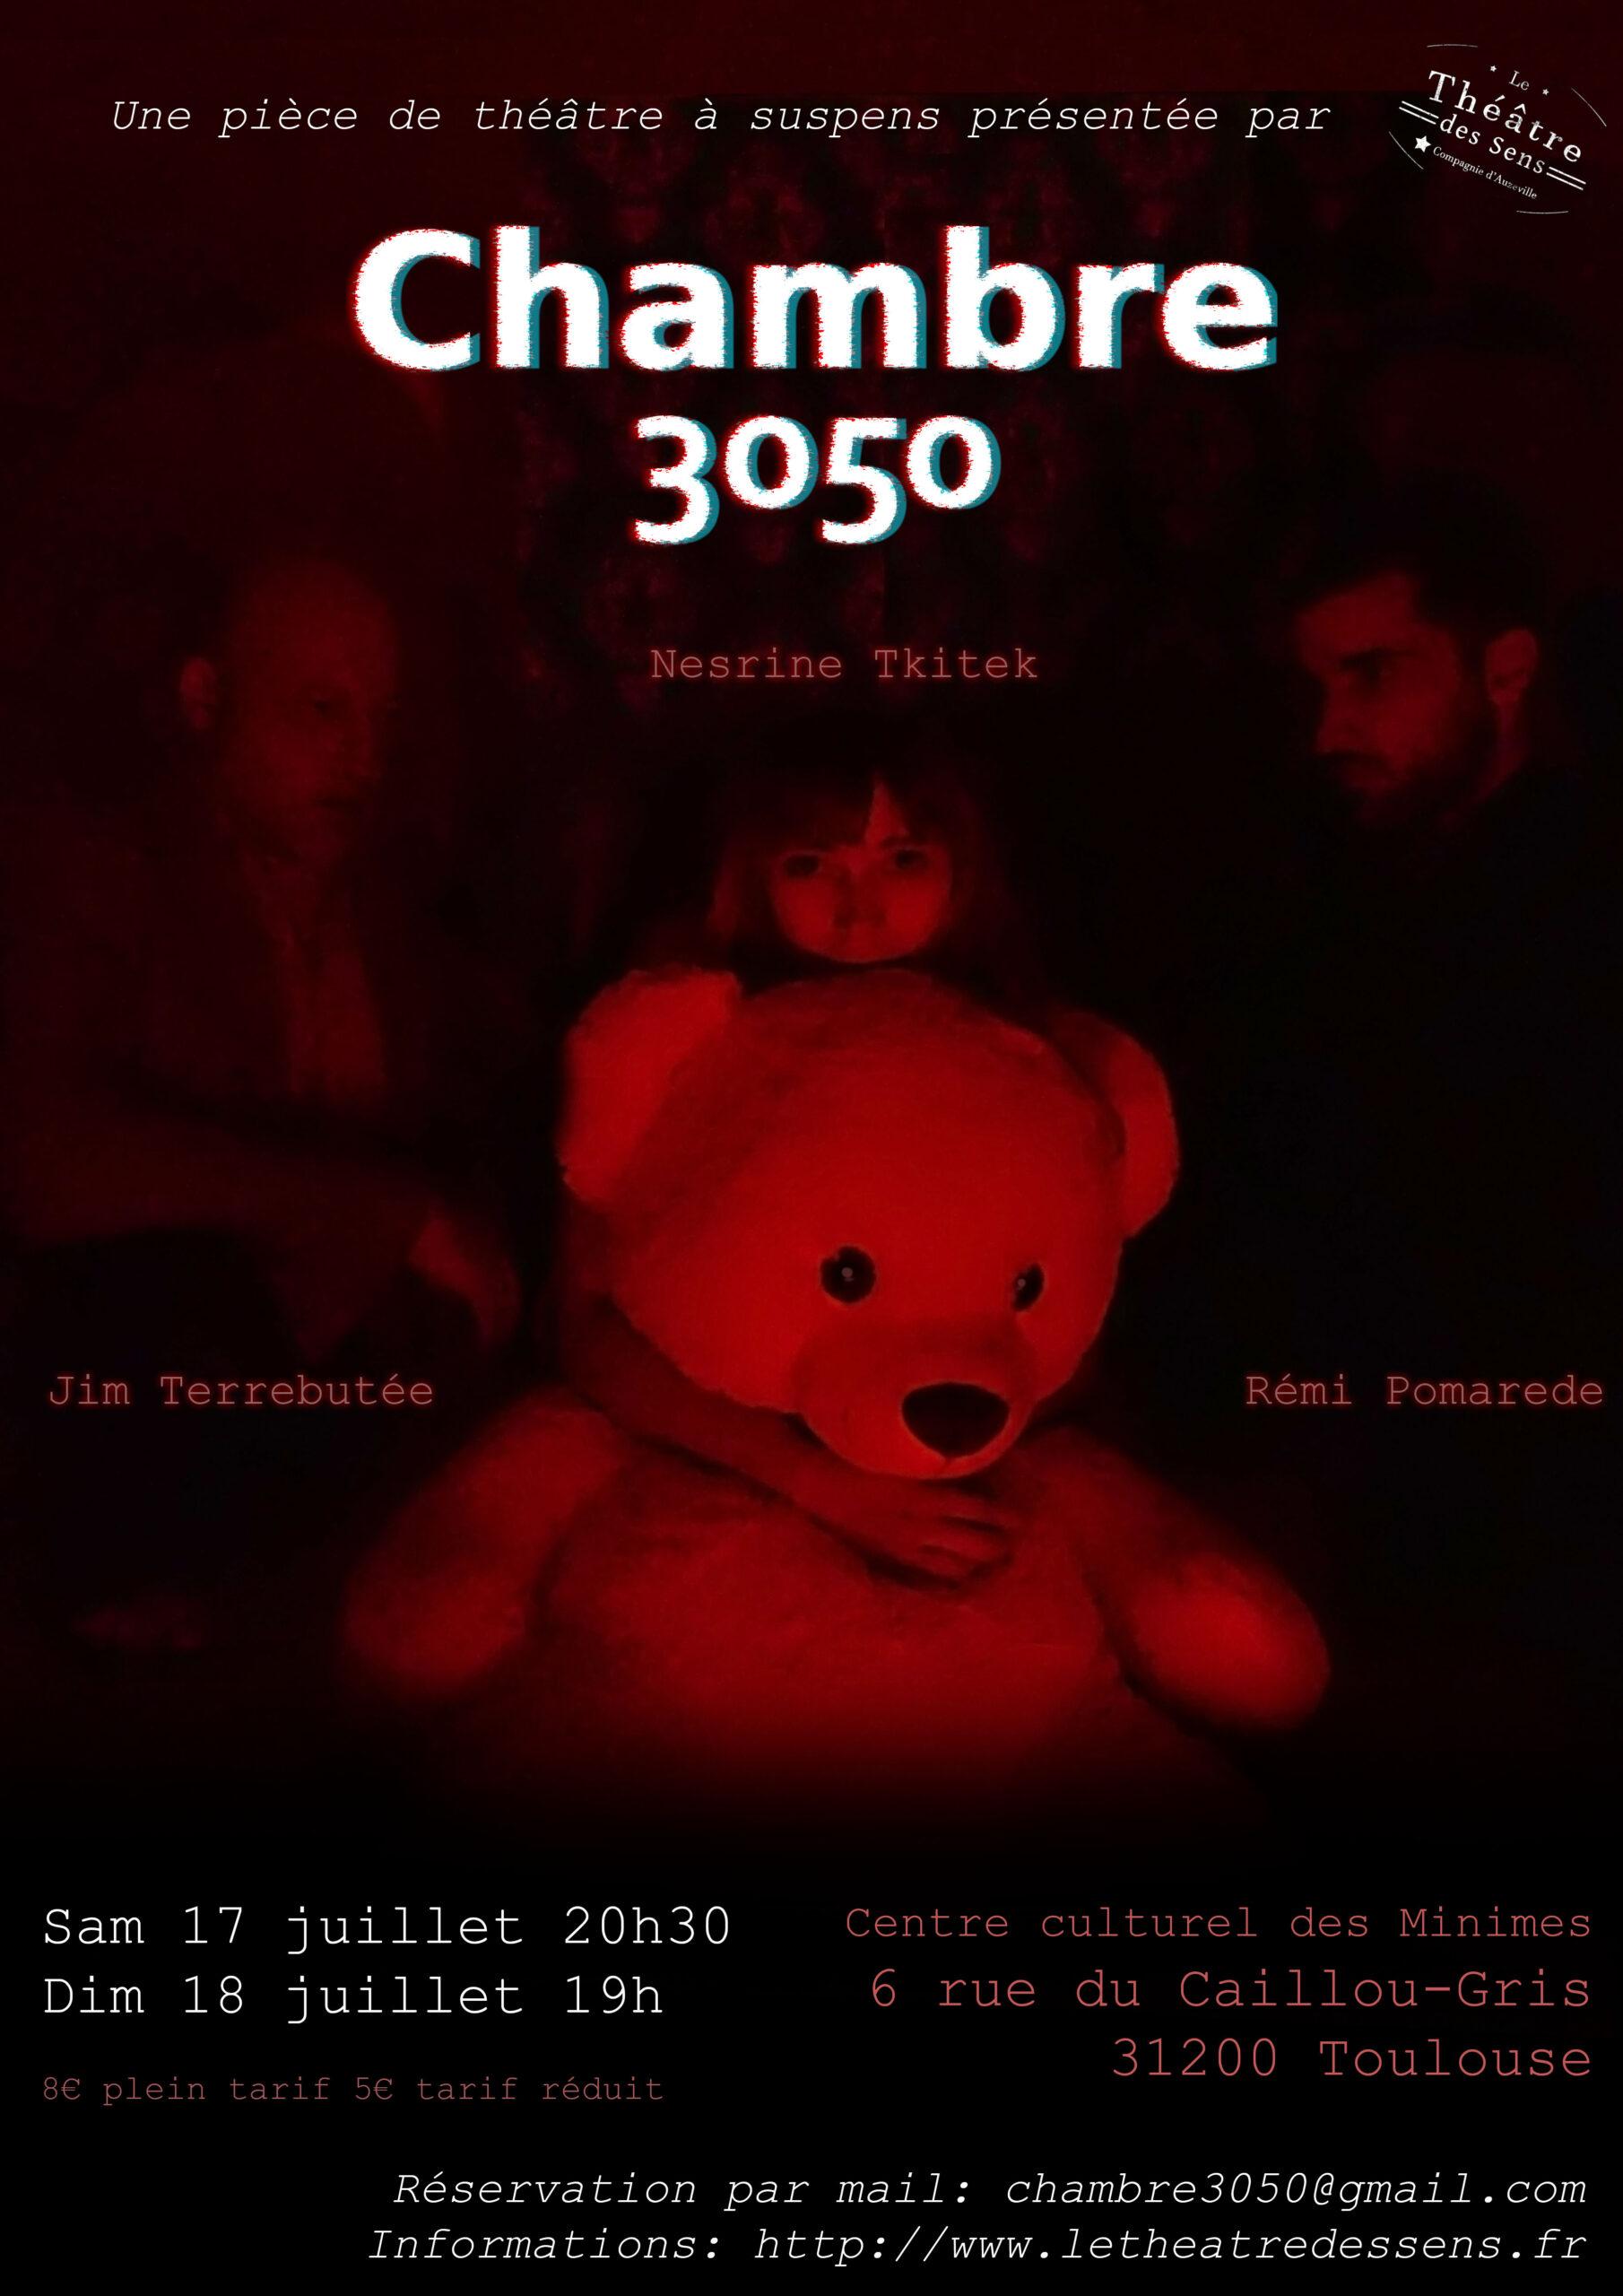 Chambre 3050